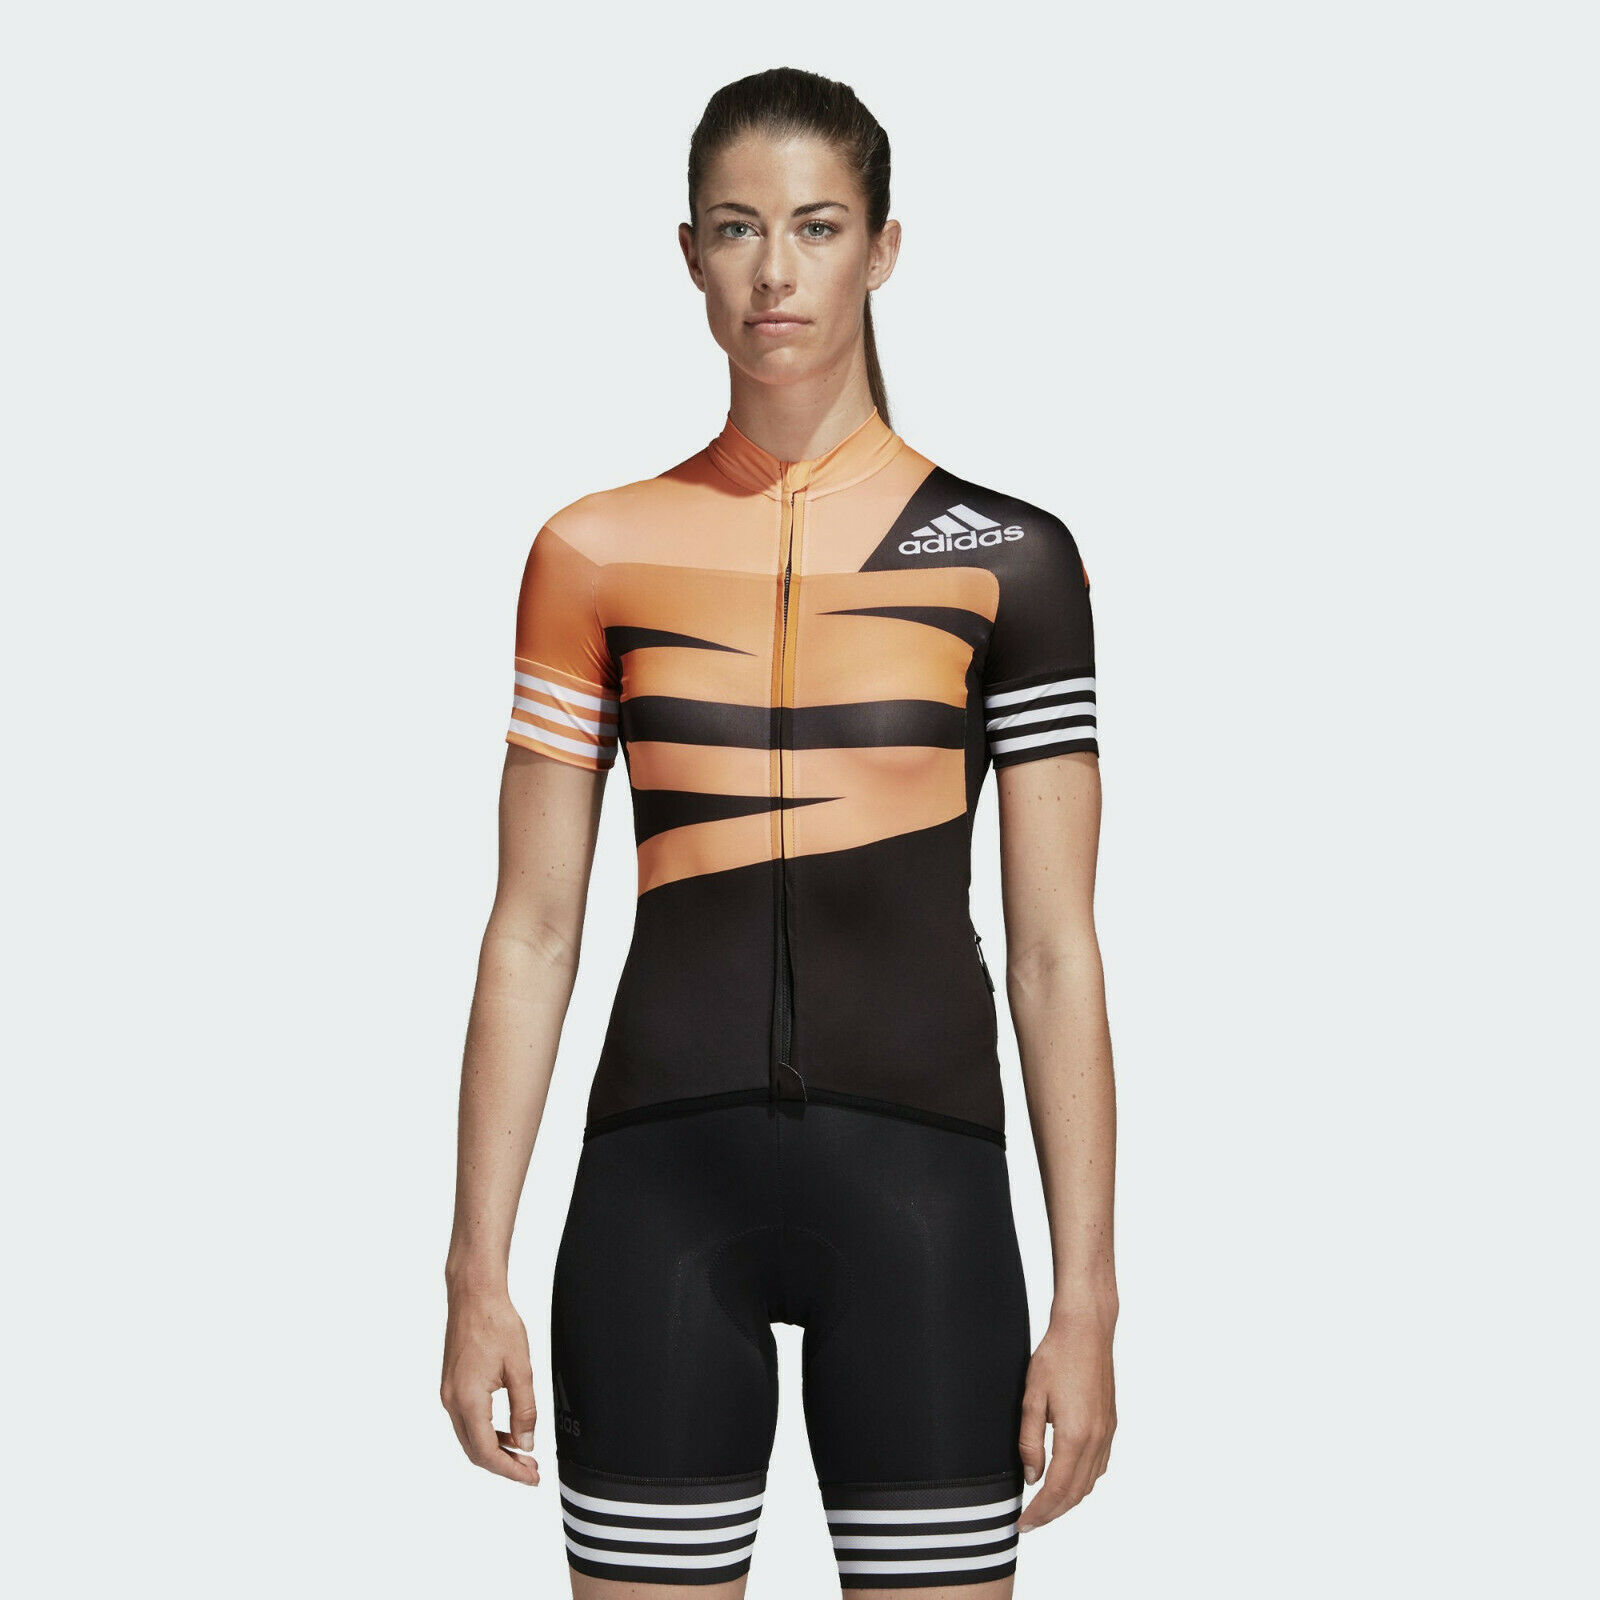 Adidas Adistar Jsk Grafico W [ Tgl M ] Donna Bici da Corsa Maglia CV6692 Nuovo &